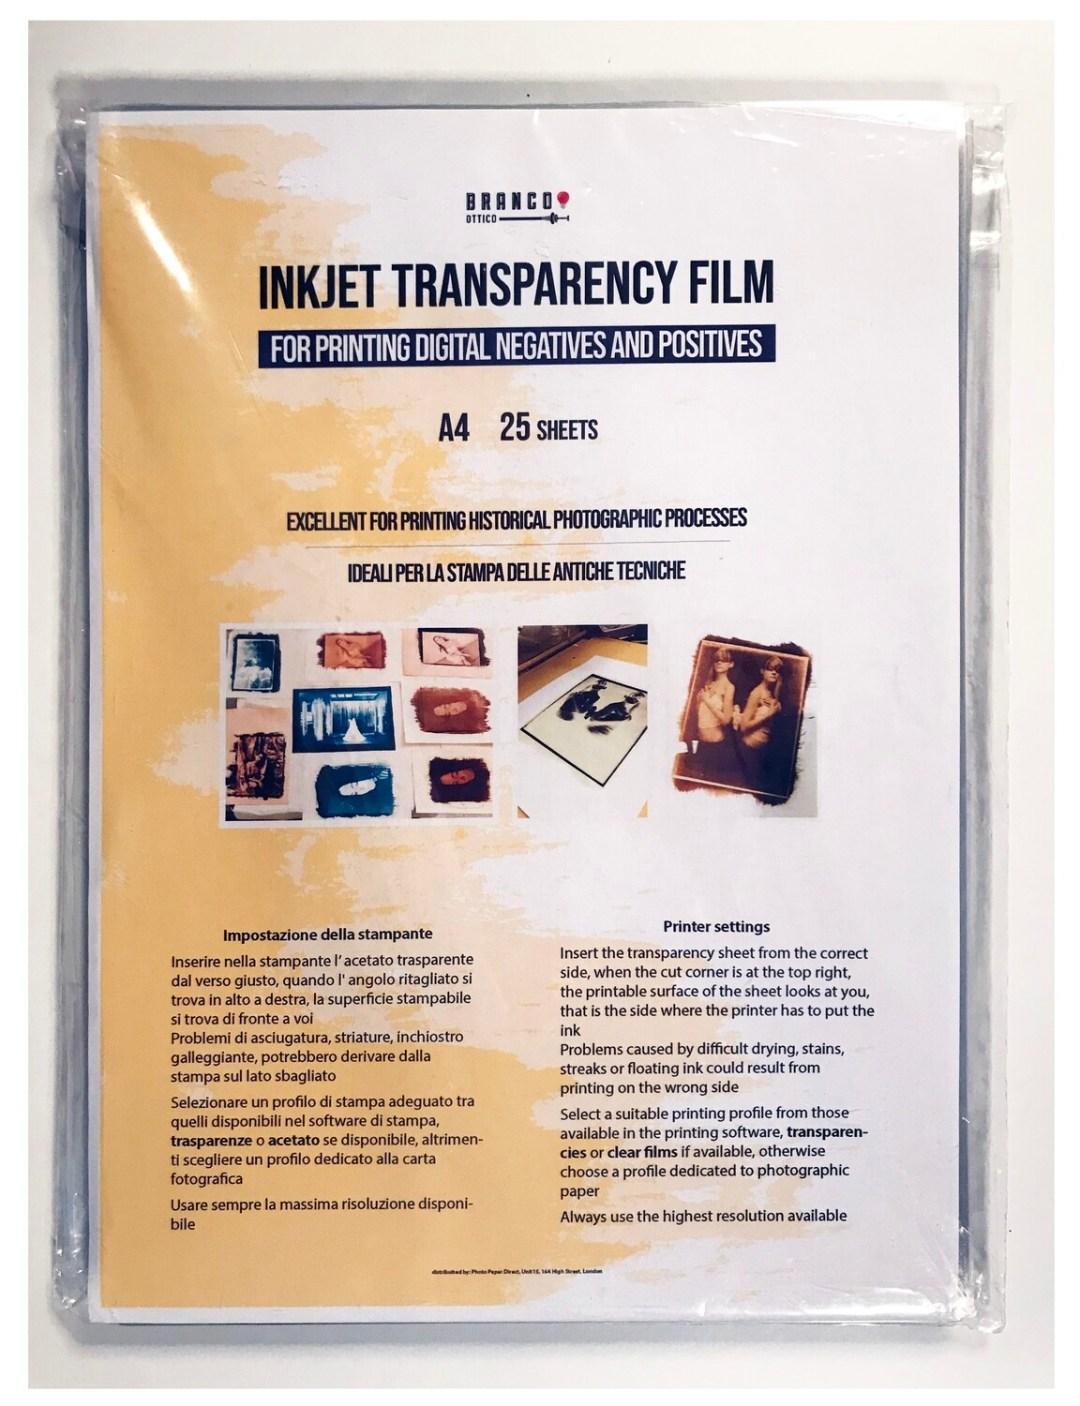 Inkjet Transparency Film